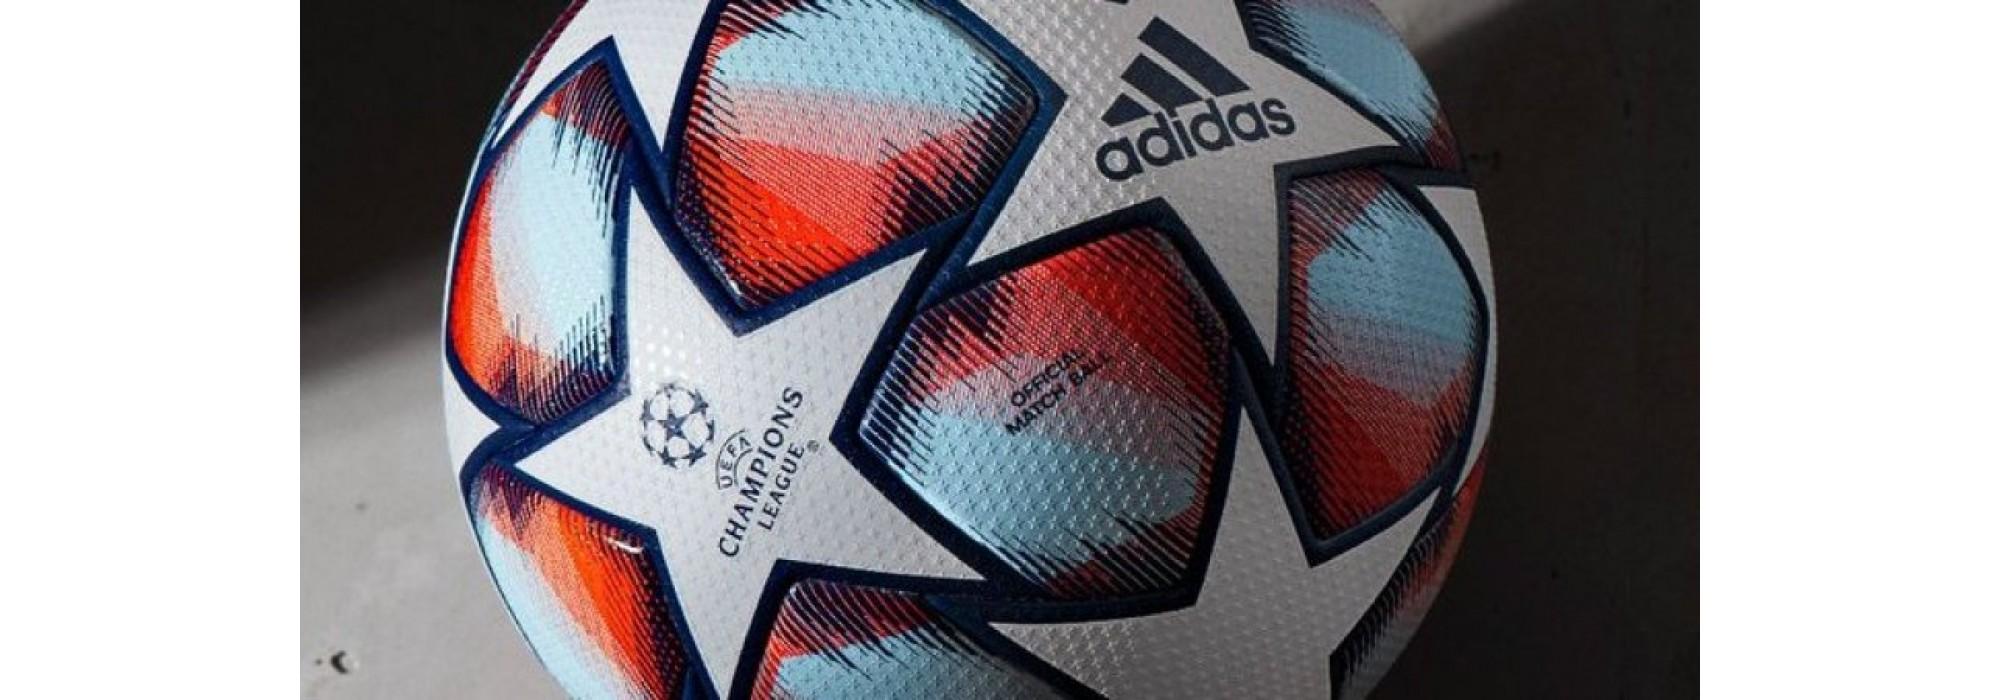 УЕФА представили новый мяч для Лиги Чемпионов 2020-2021